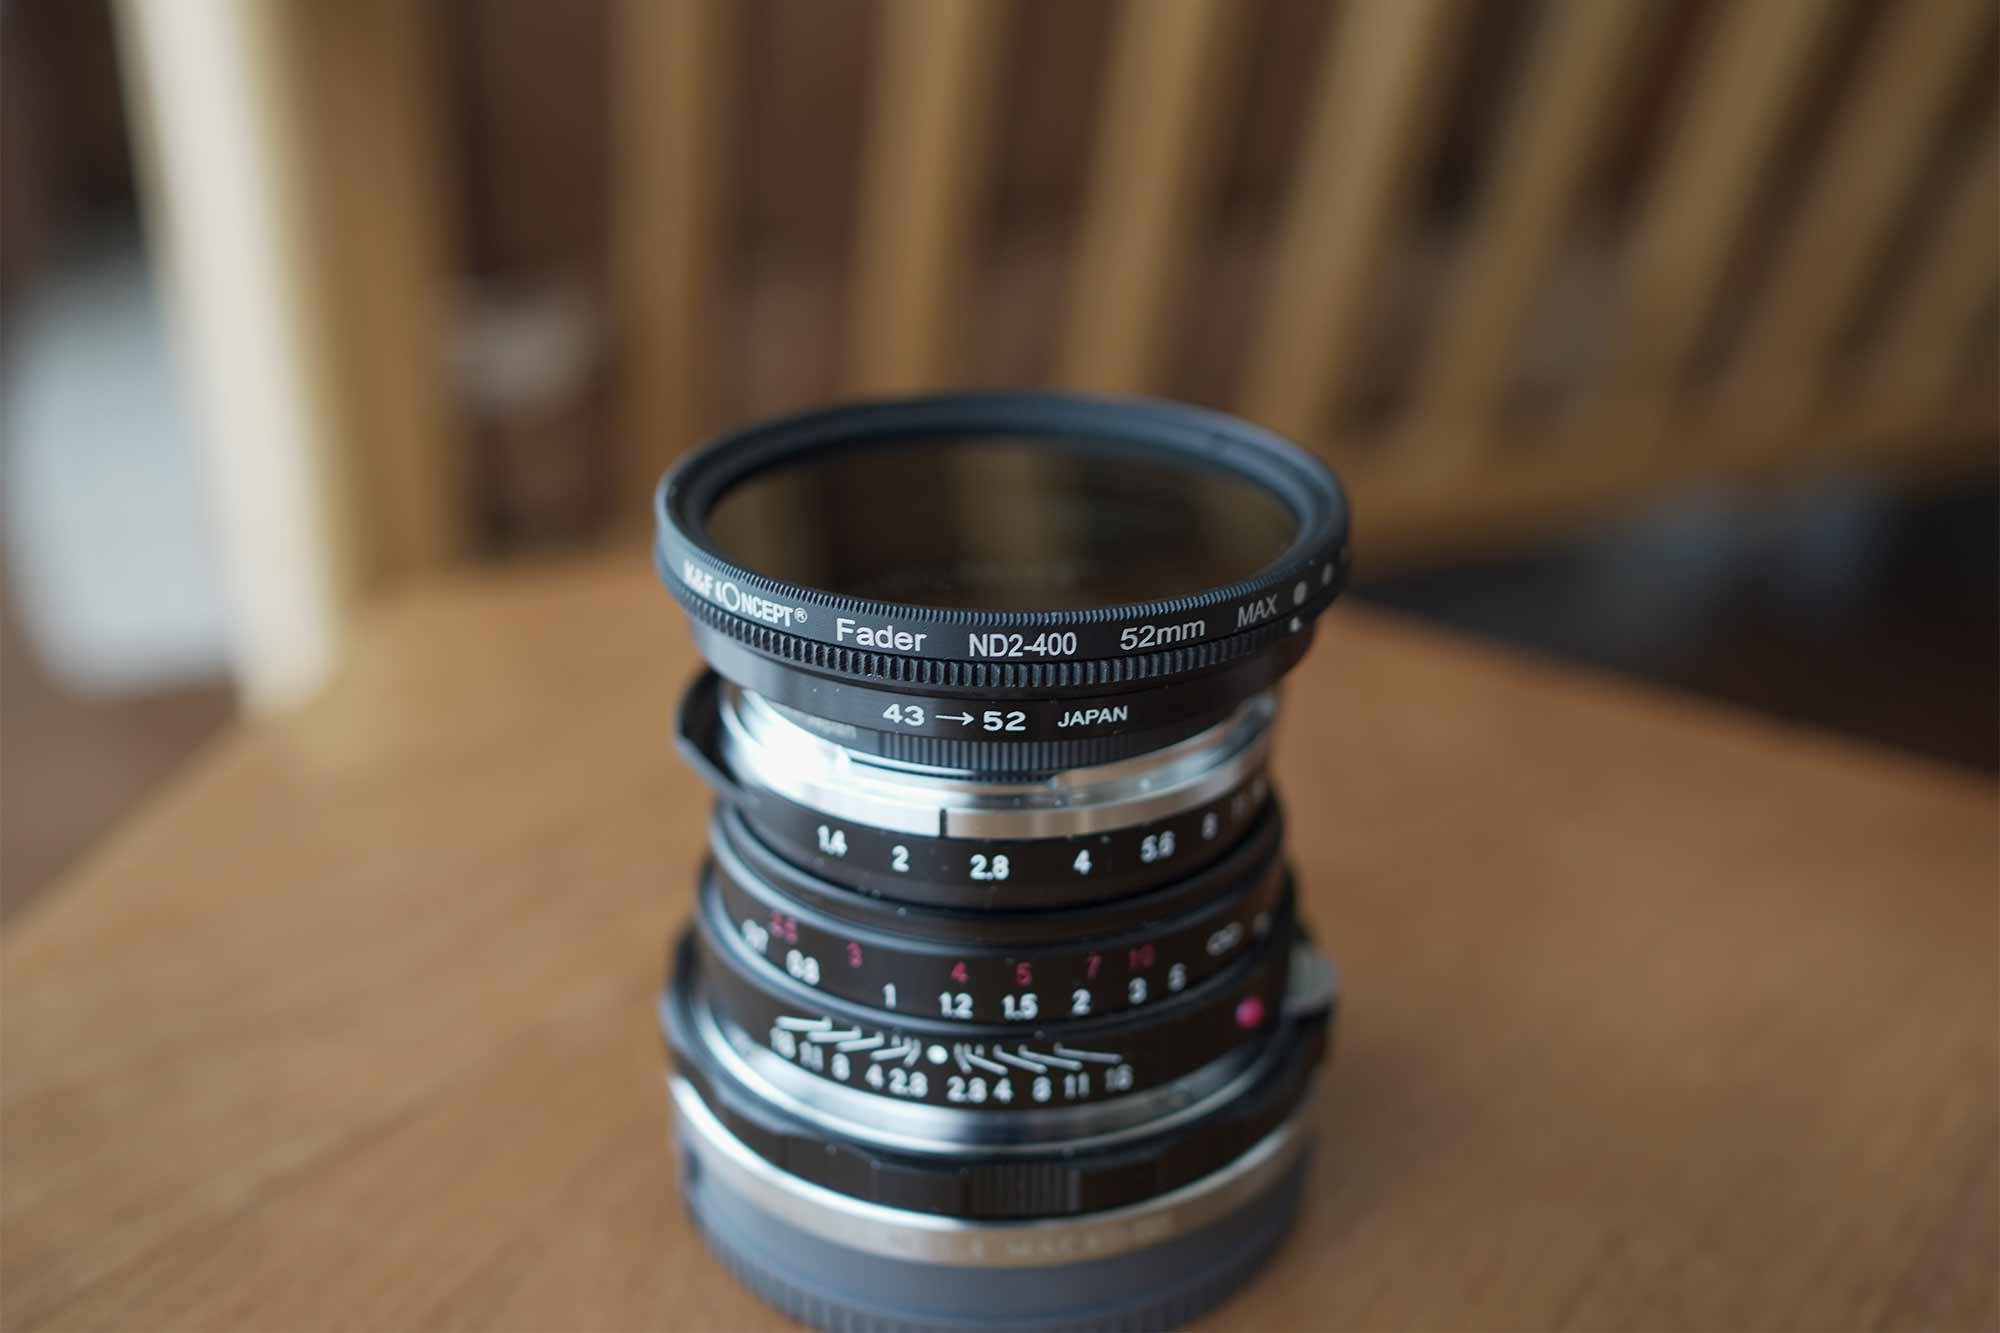 フォクトレンダー,カメラ,レンズ,クラシック,オールドレンズ,40mm,f1.4,開放